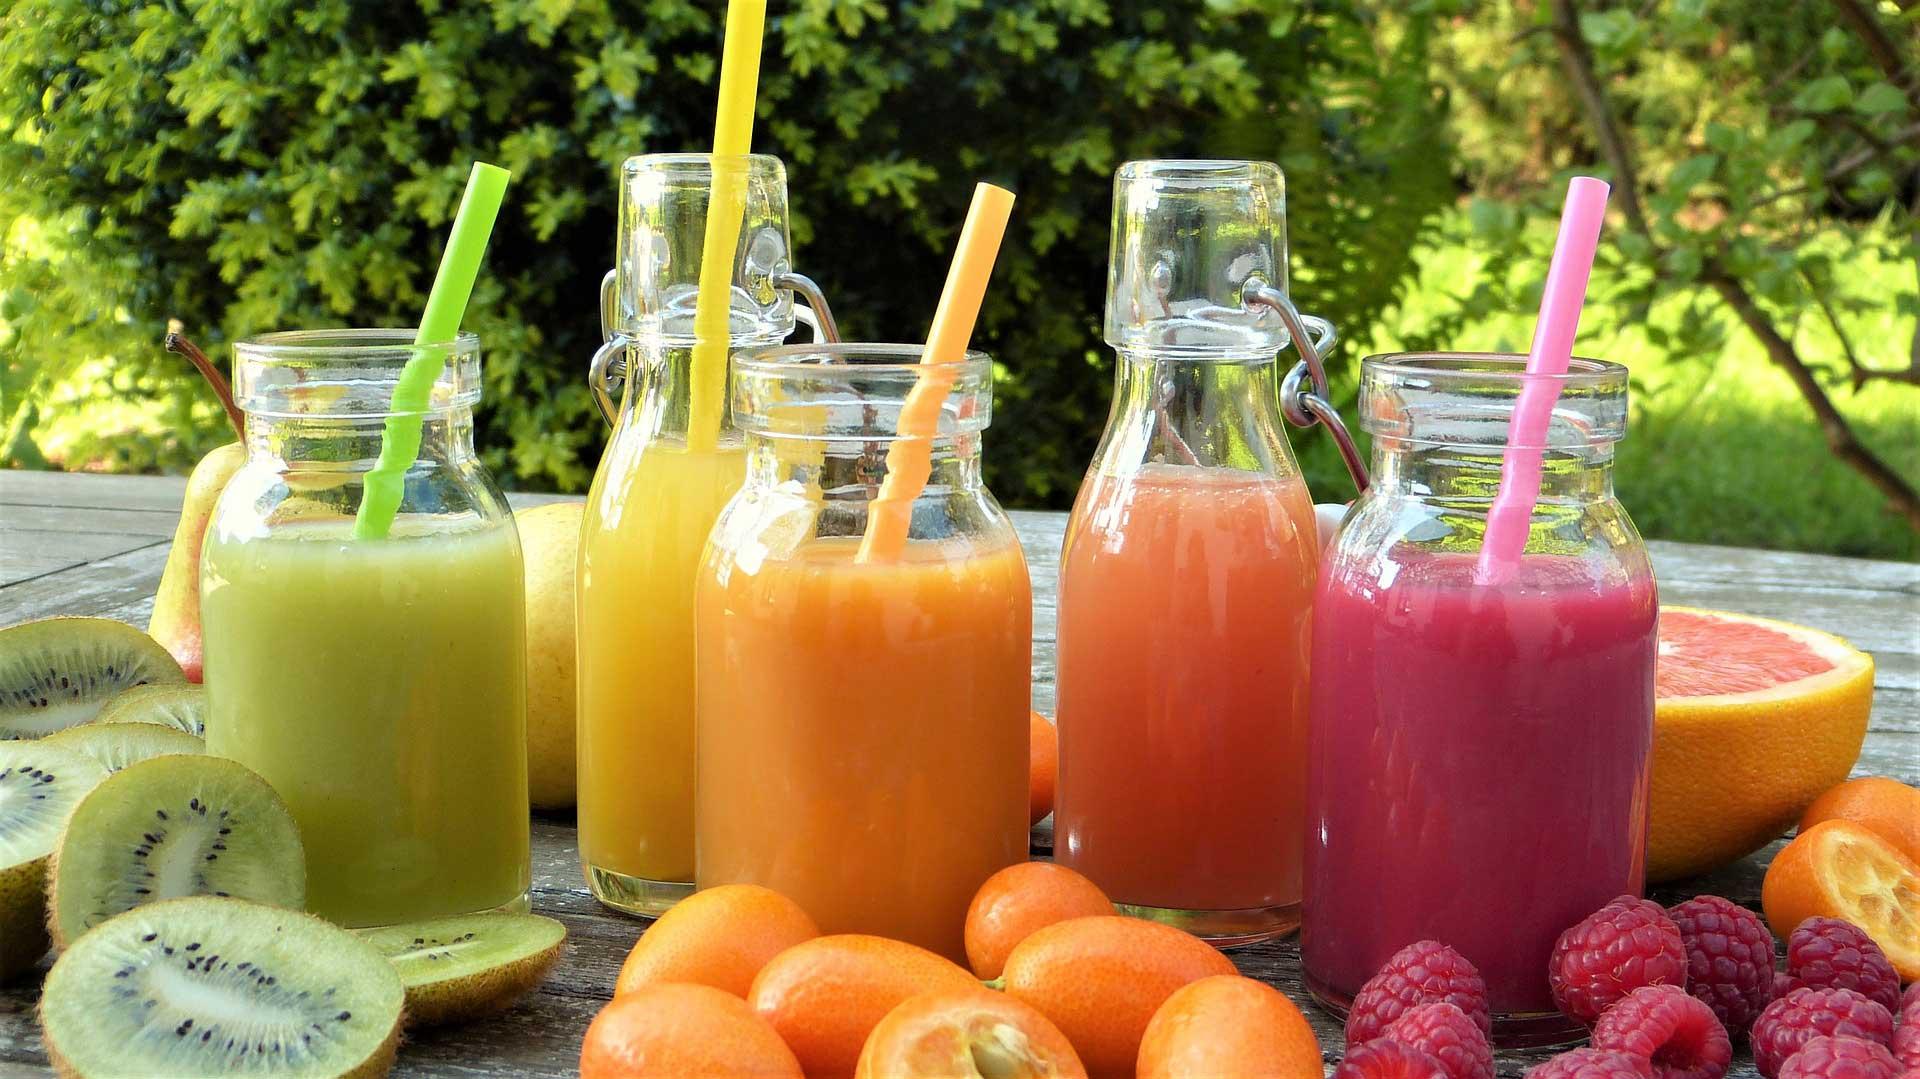 Mixer Smoothies | Pixabay smoothies-2253430_1920